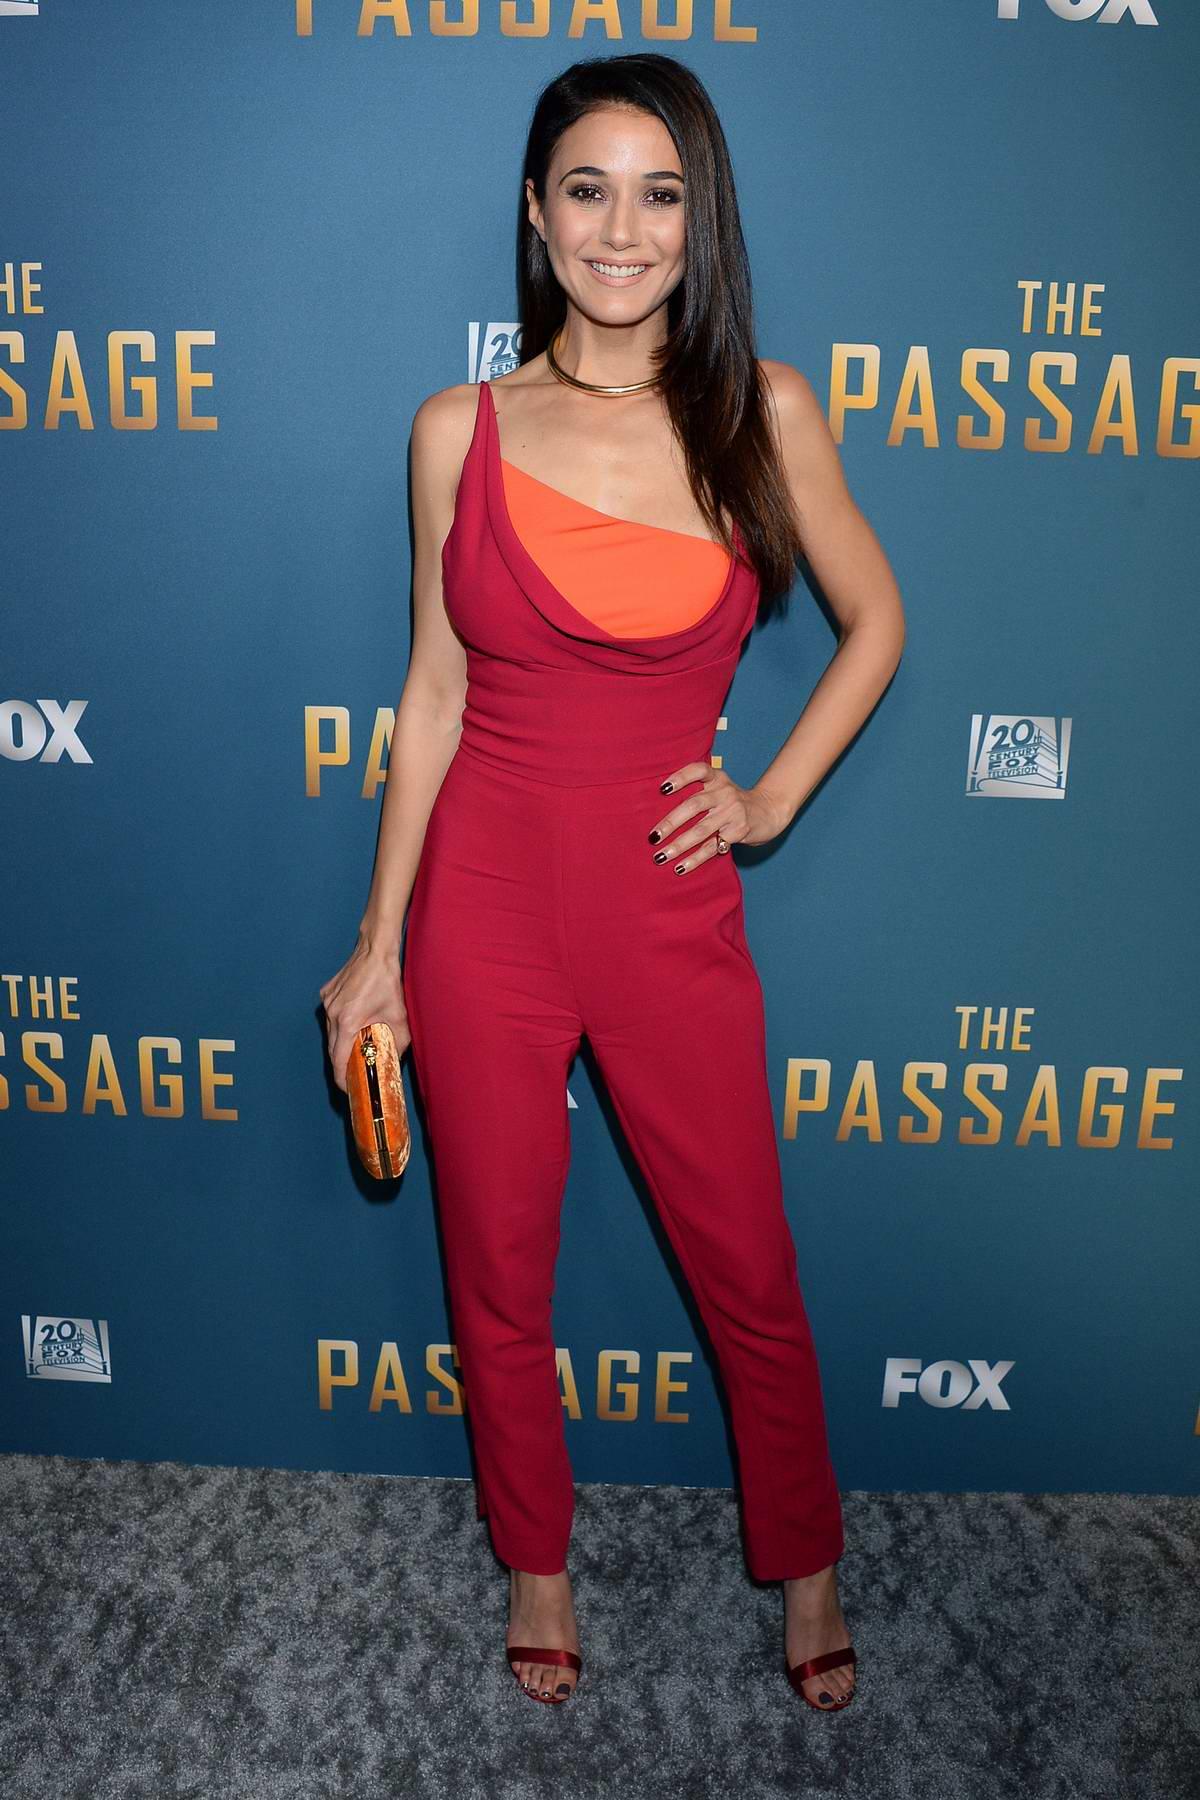 Emmanuelle Chriqui attends 'The Passage' TV Show Premiere in Los Angeles